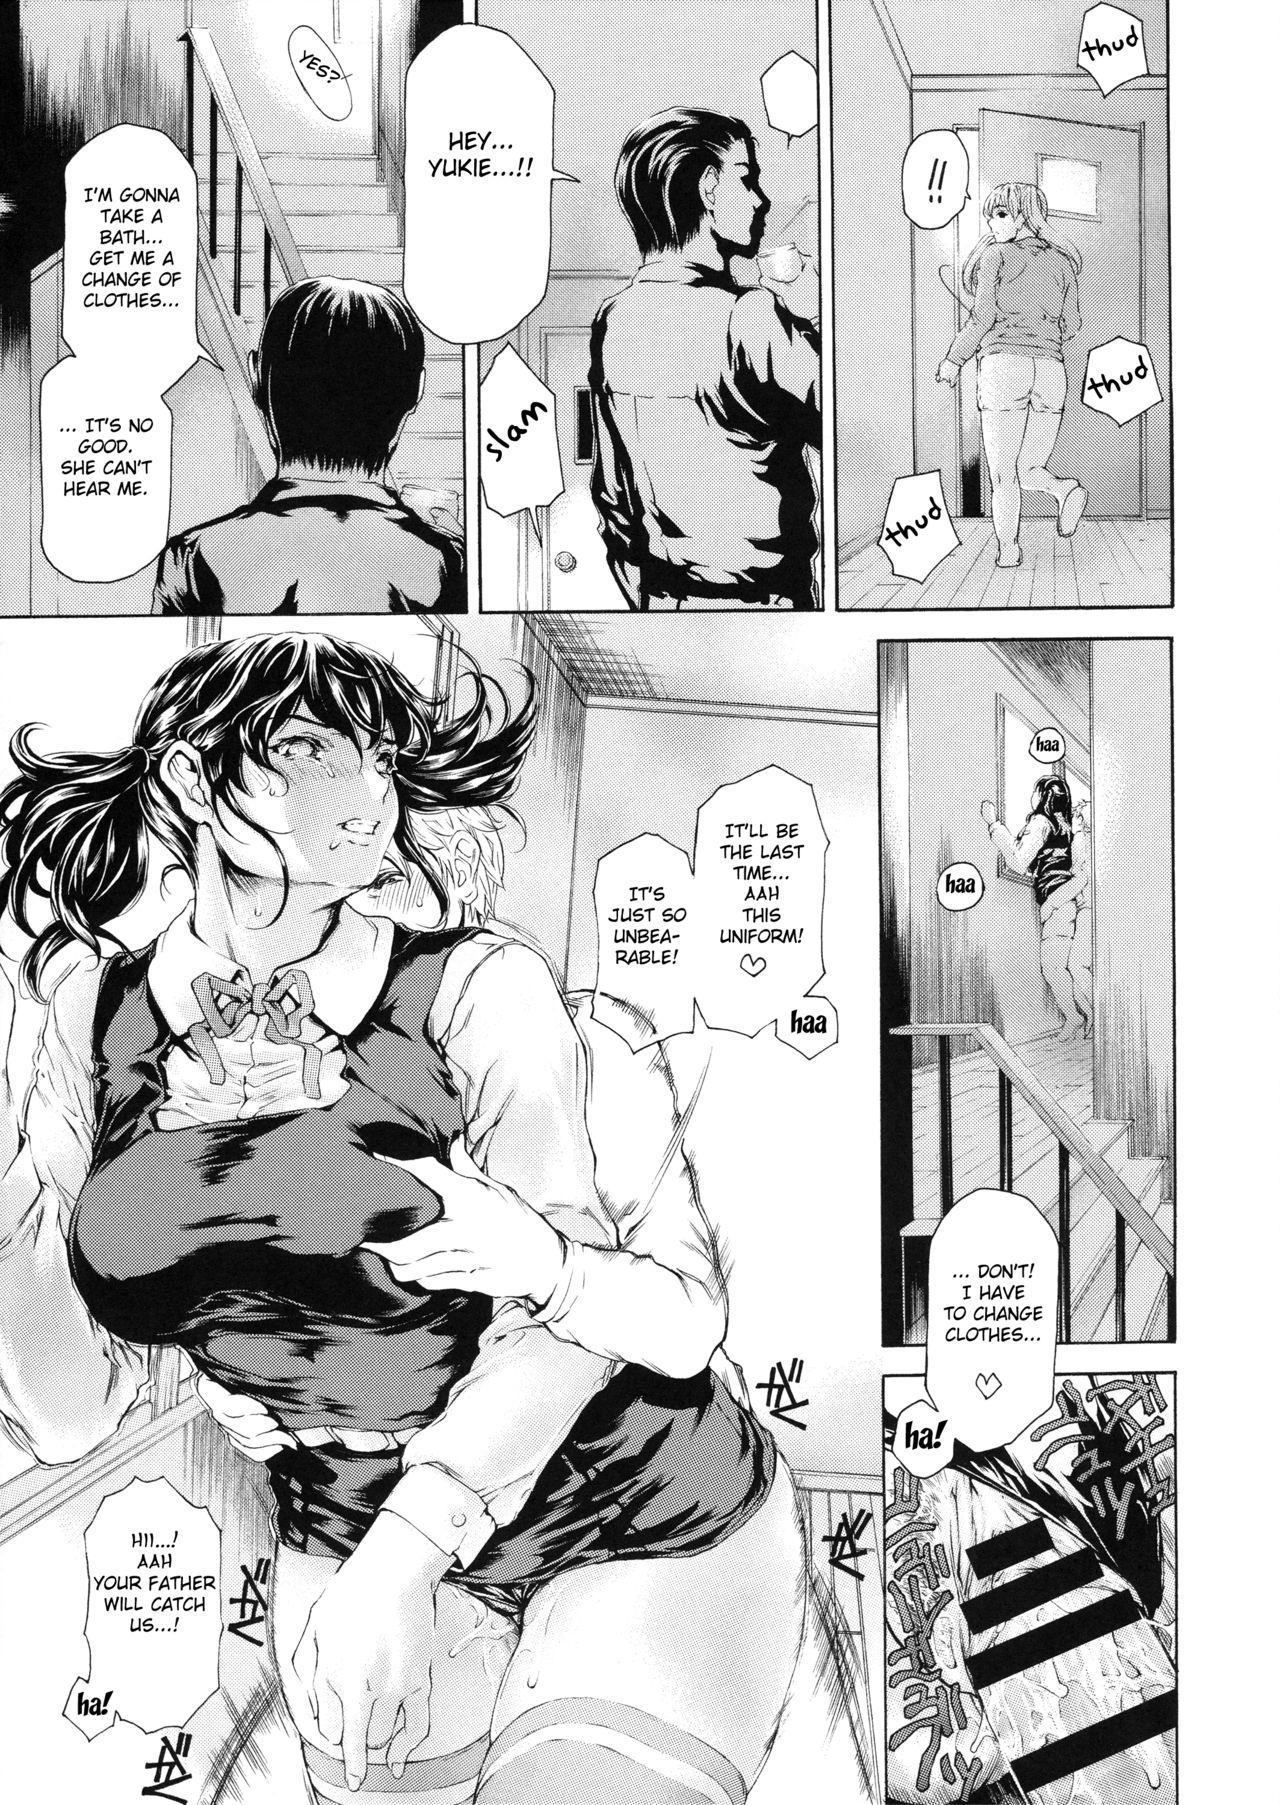 [Subesube 1kg (Narita Kyousha)] 9-Ji Kara 5-ji Made no Koibito Dai 11 wa - Nine to Five Lover [English] [Fated Circle] 28